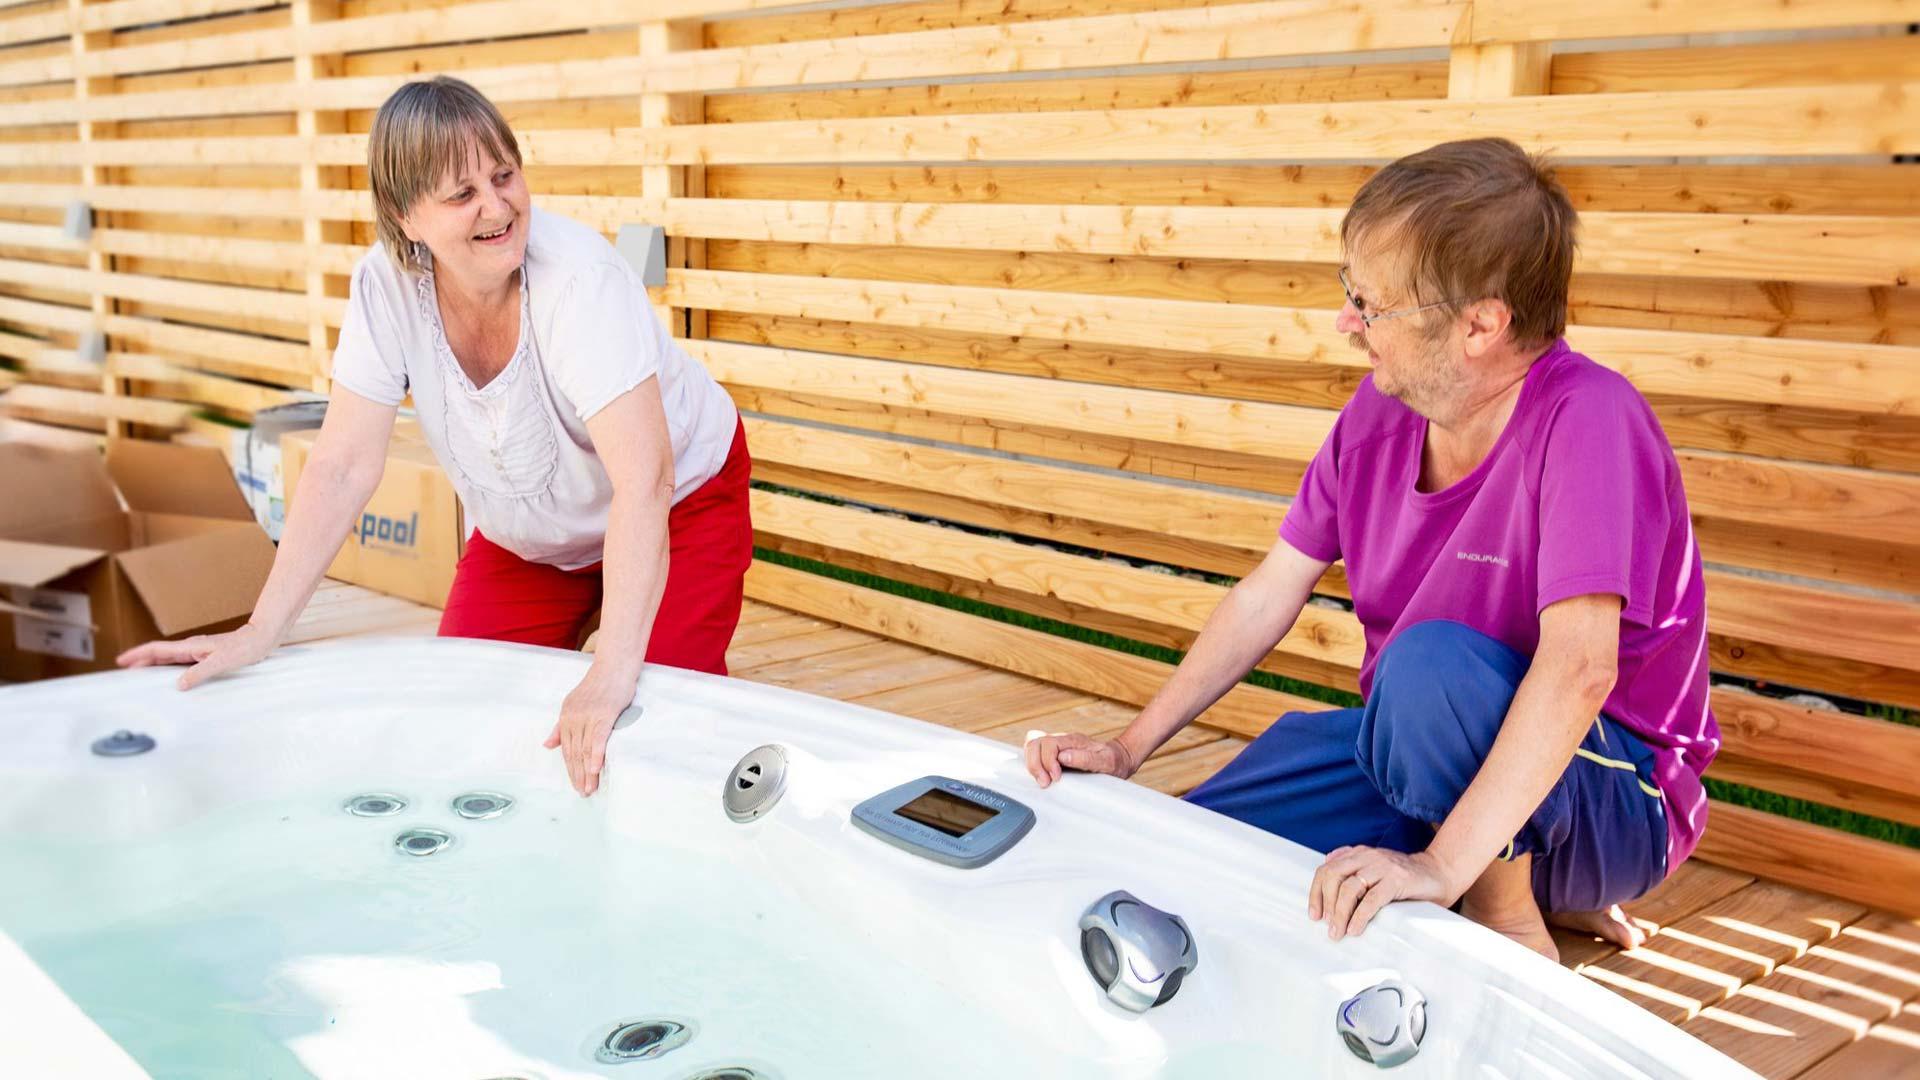 Hans ja Briitta ovat molemmat vesipetoja. Ulkoterassilta löytyy sekä poreallas ja lämmitettävä ulkouima-allas.